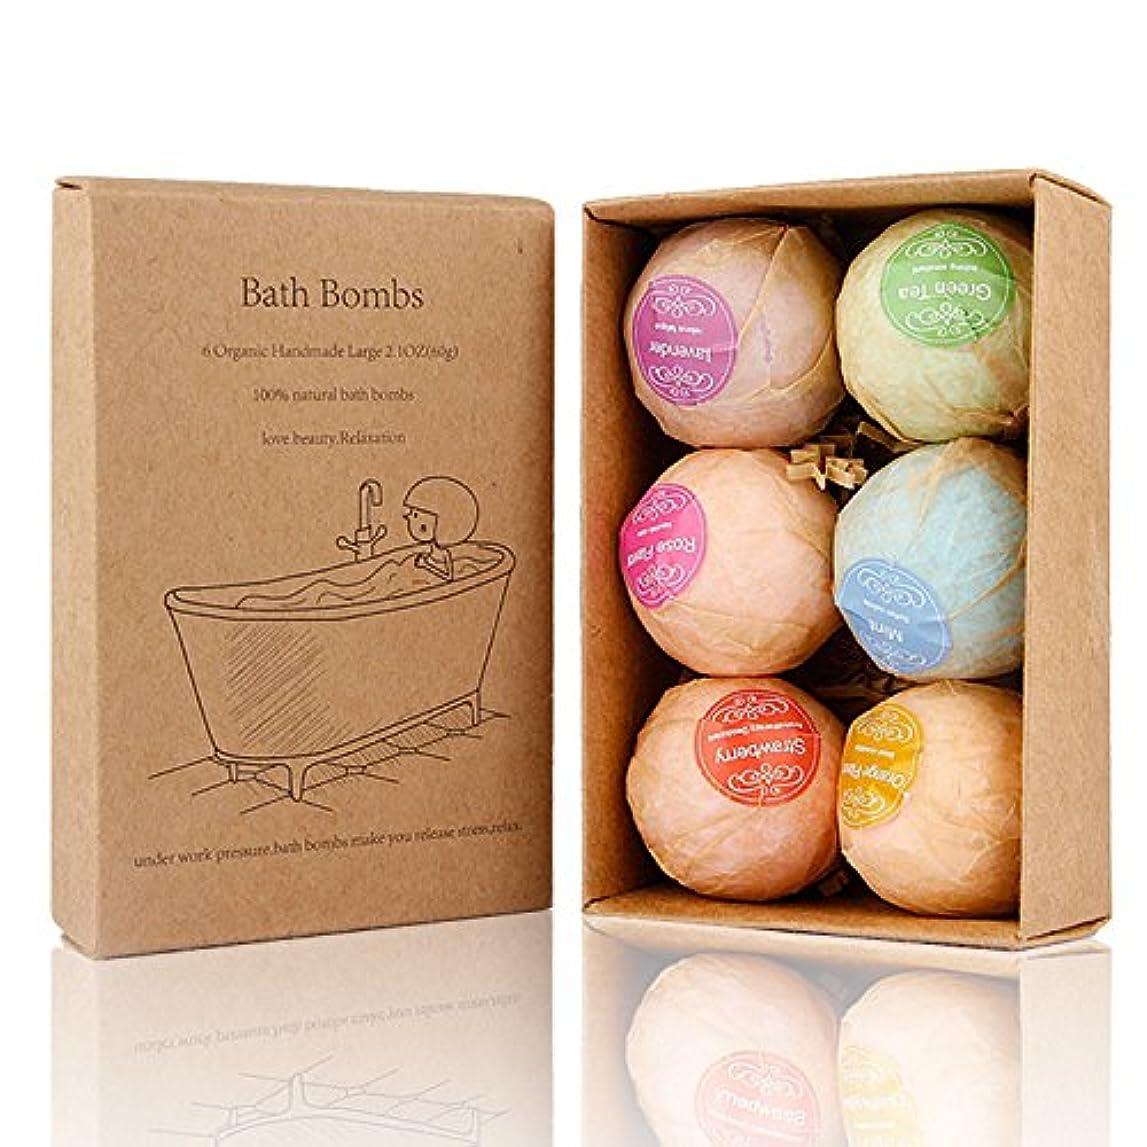 再編成する先入観土器Bath Bomb, 温泡 入浴剤 ギフトセット6個入り, Perfect for Bubble & Spa Bath Ultra Lush Bath Fizzies